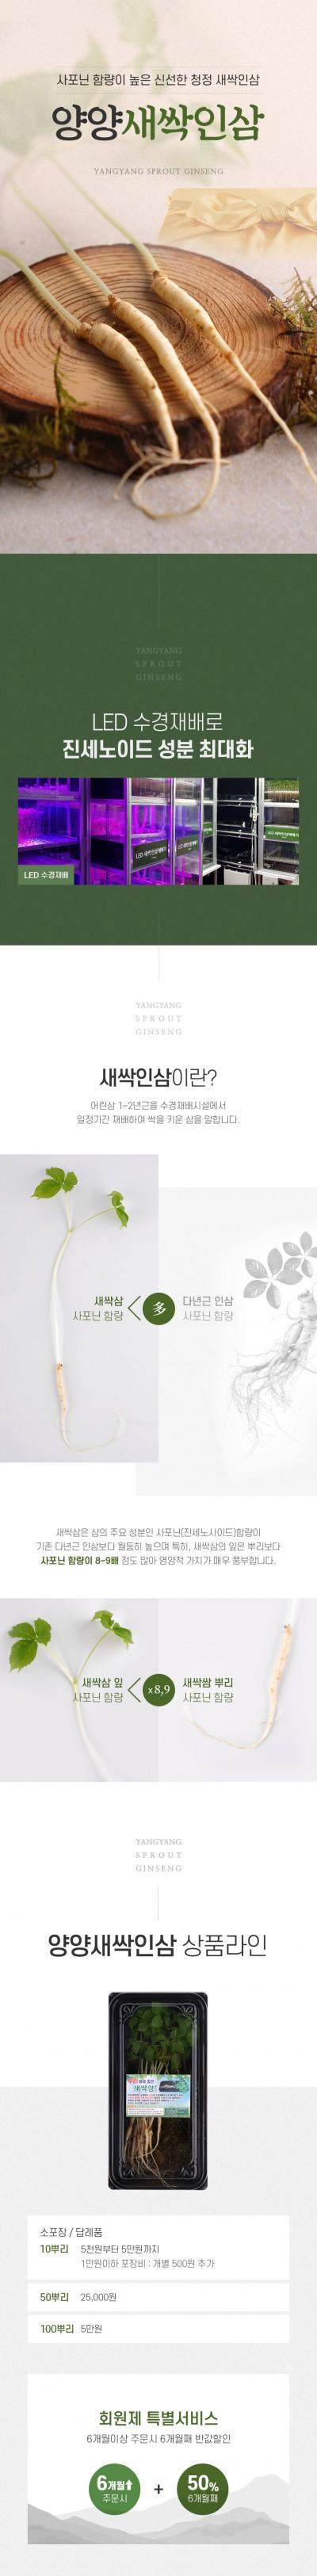 [T055]새싹인삼 상세페이지 제작+촬영